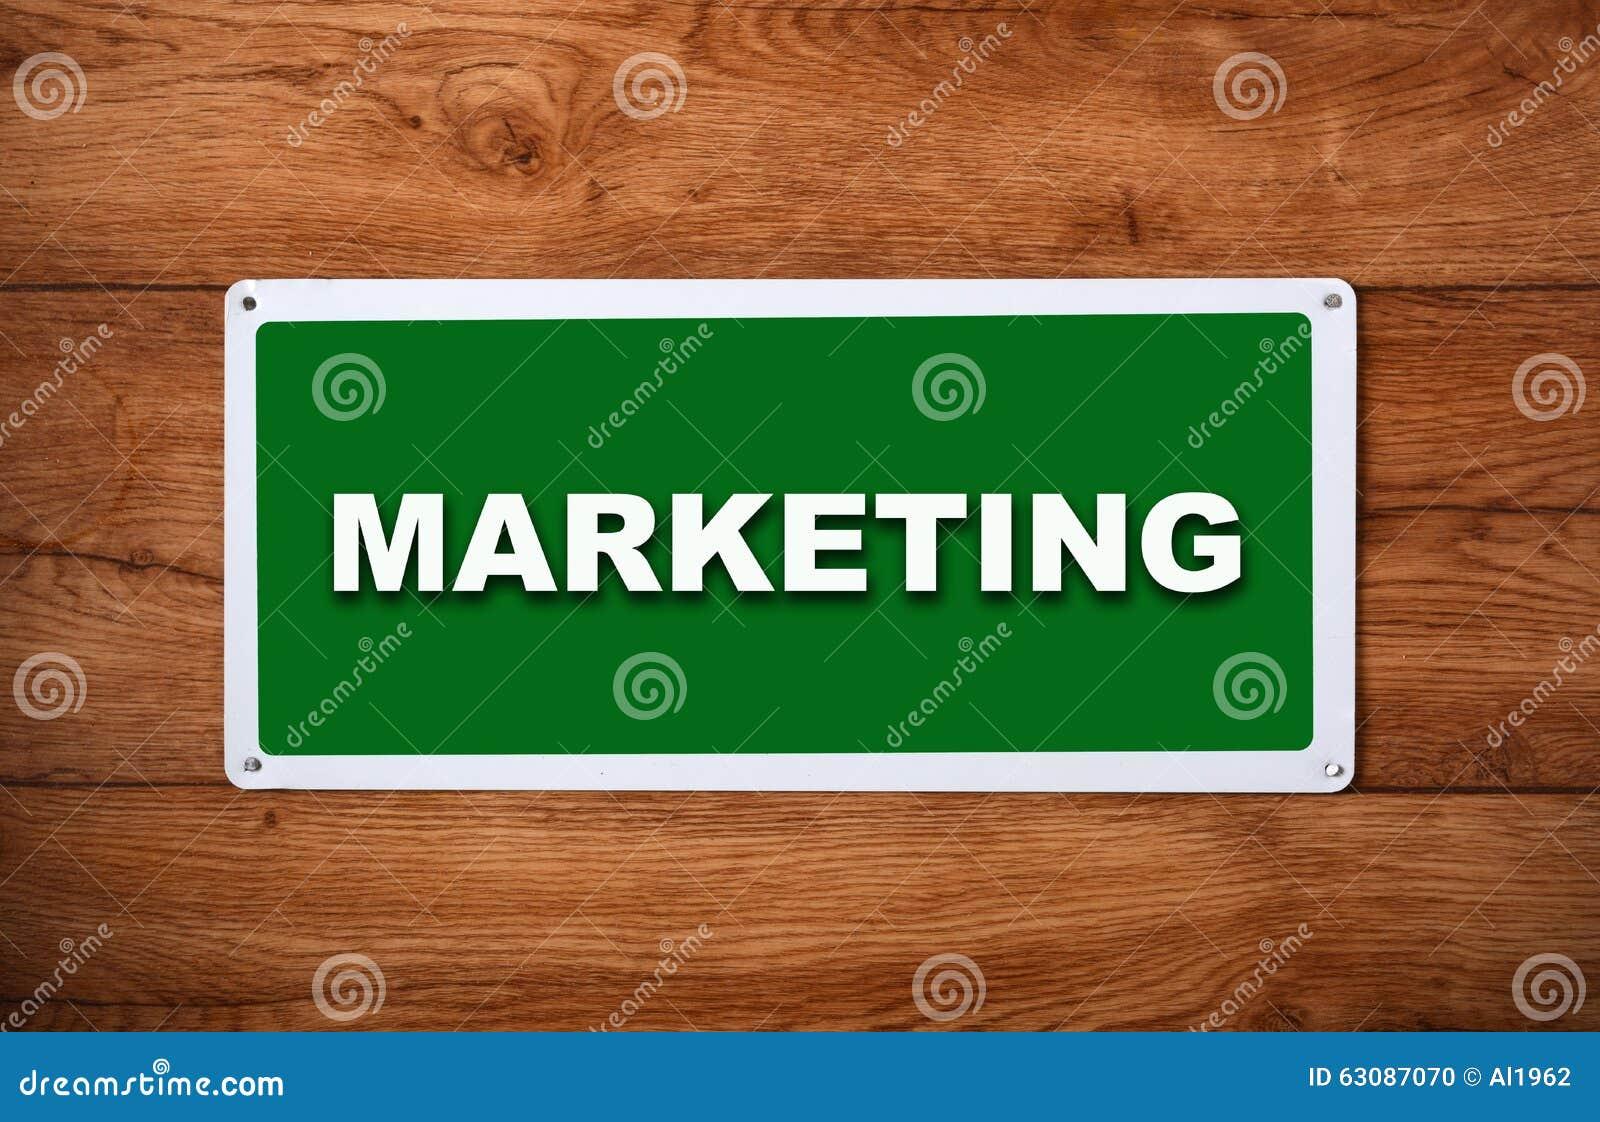 Download Plaque Avec Le Marketing D'inscription Photo stock - Image du propriétaire, promotion: 63087070